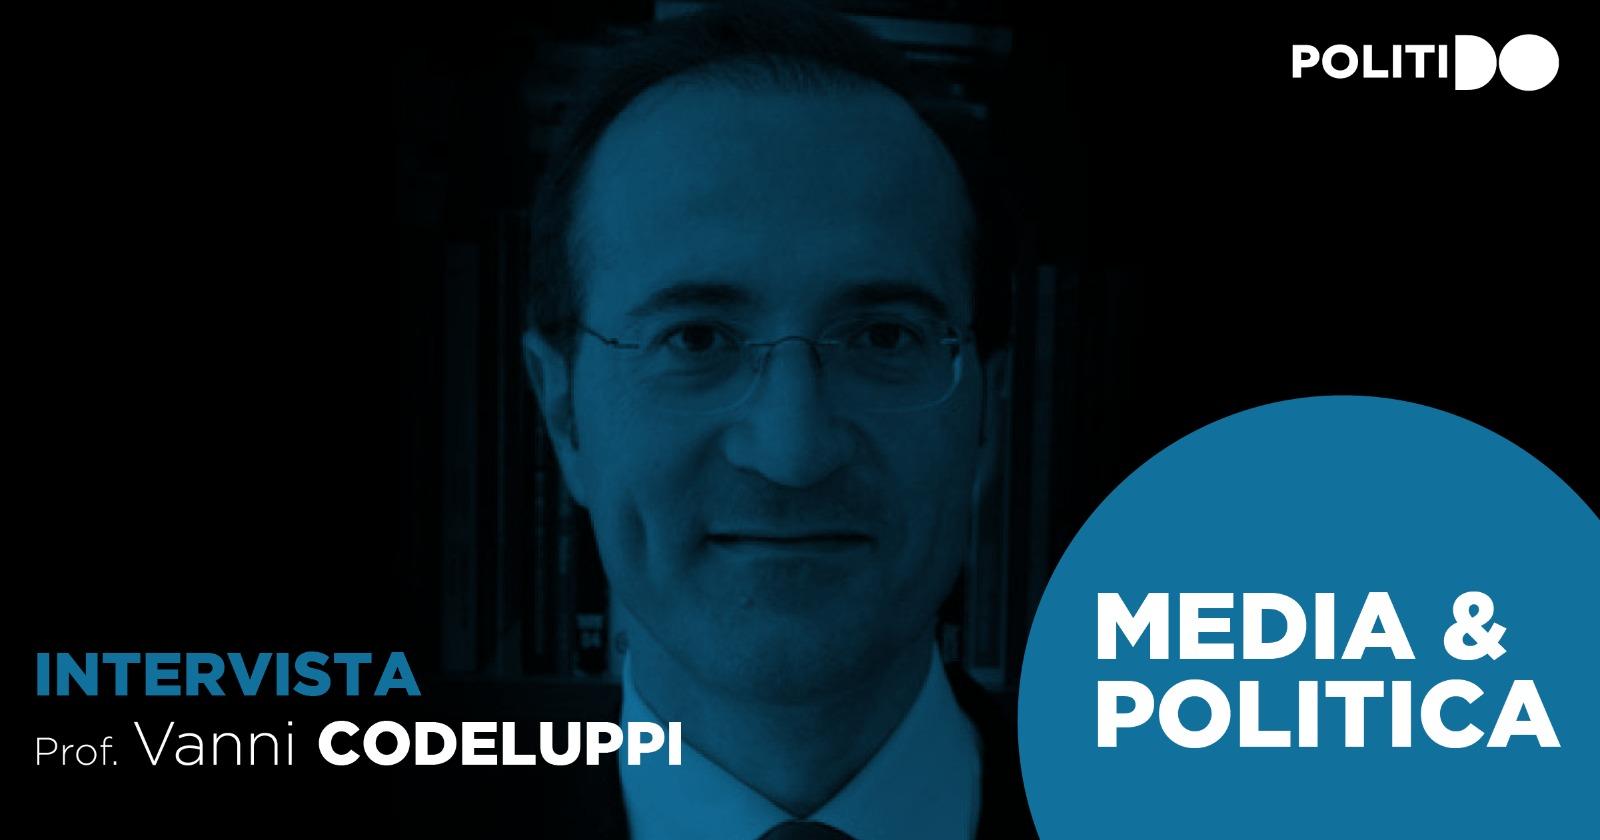 Comunicazione e Politica, intervista al Professore Vanni Codeluppi